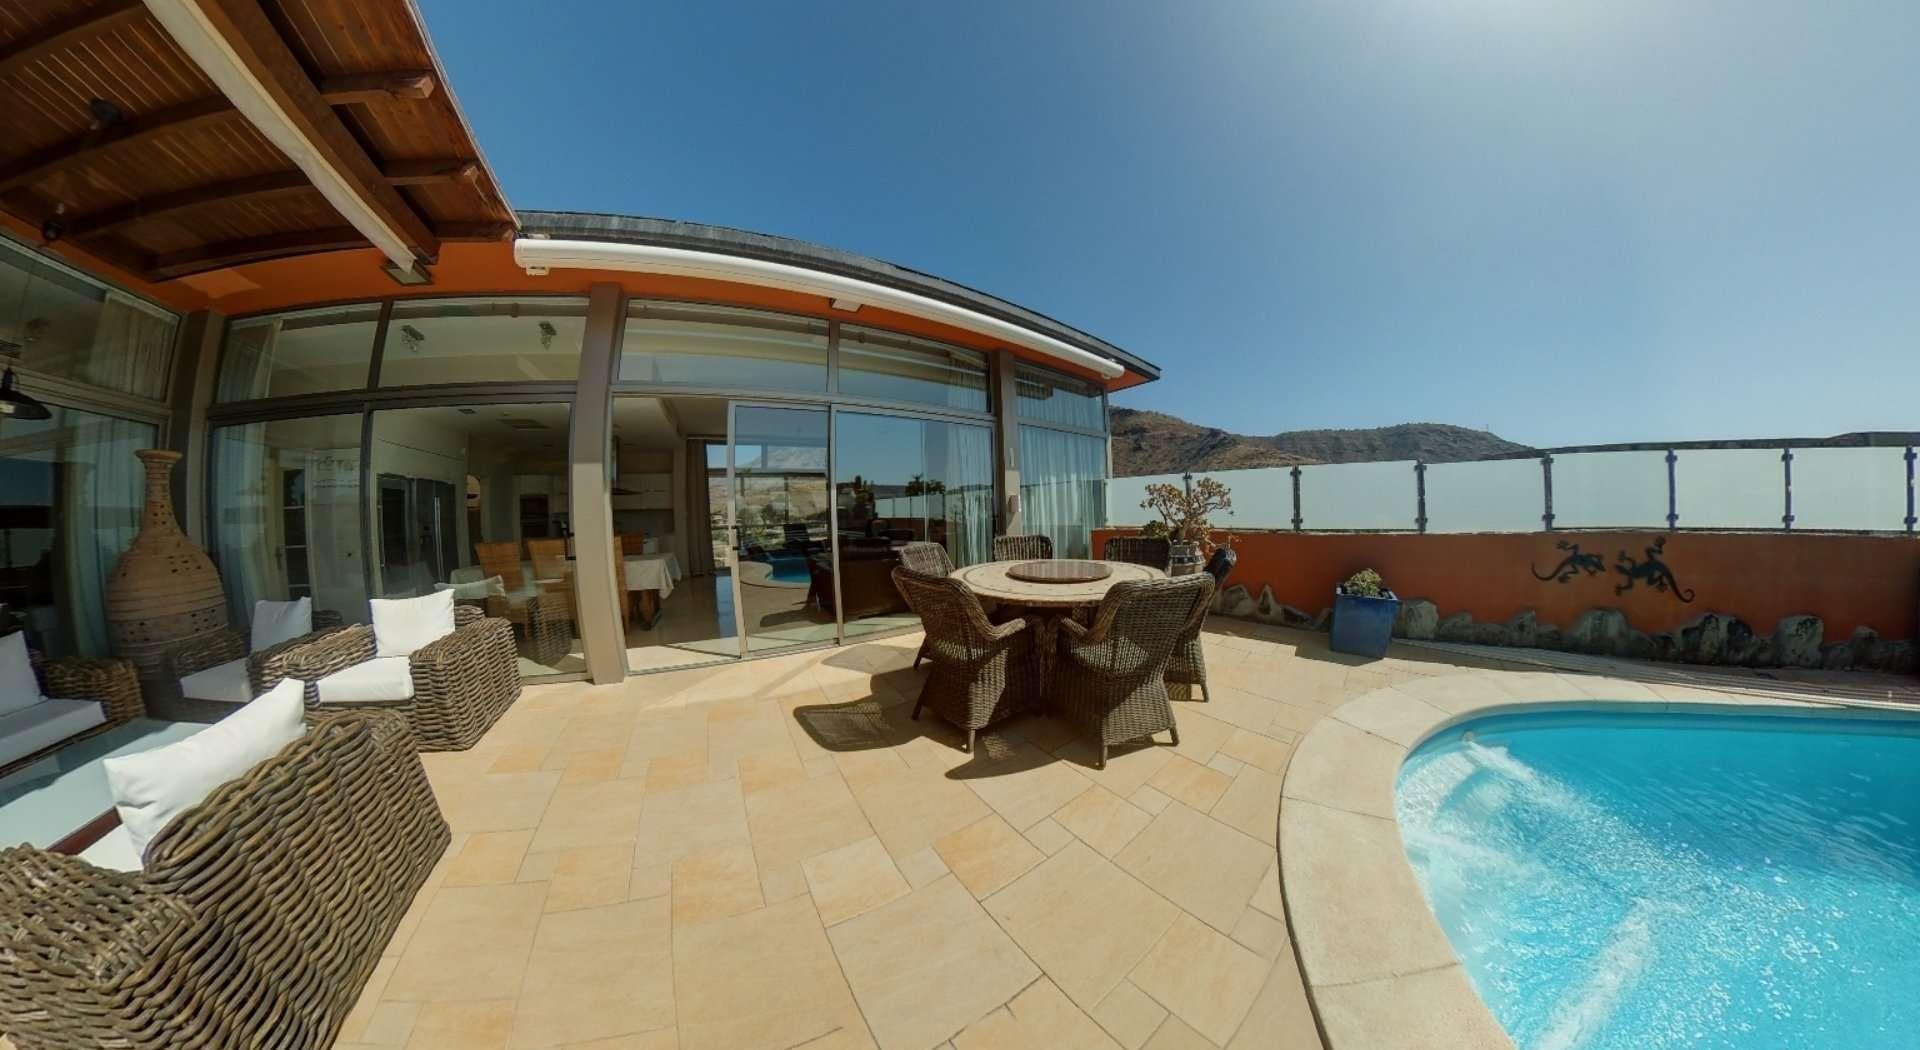 Villa exclusiva de 4 dormitorios en Anfi Tauro